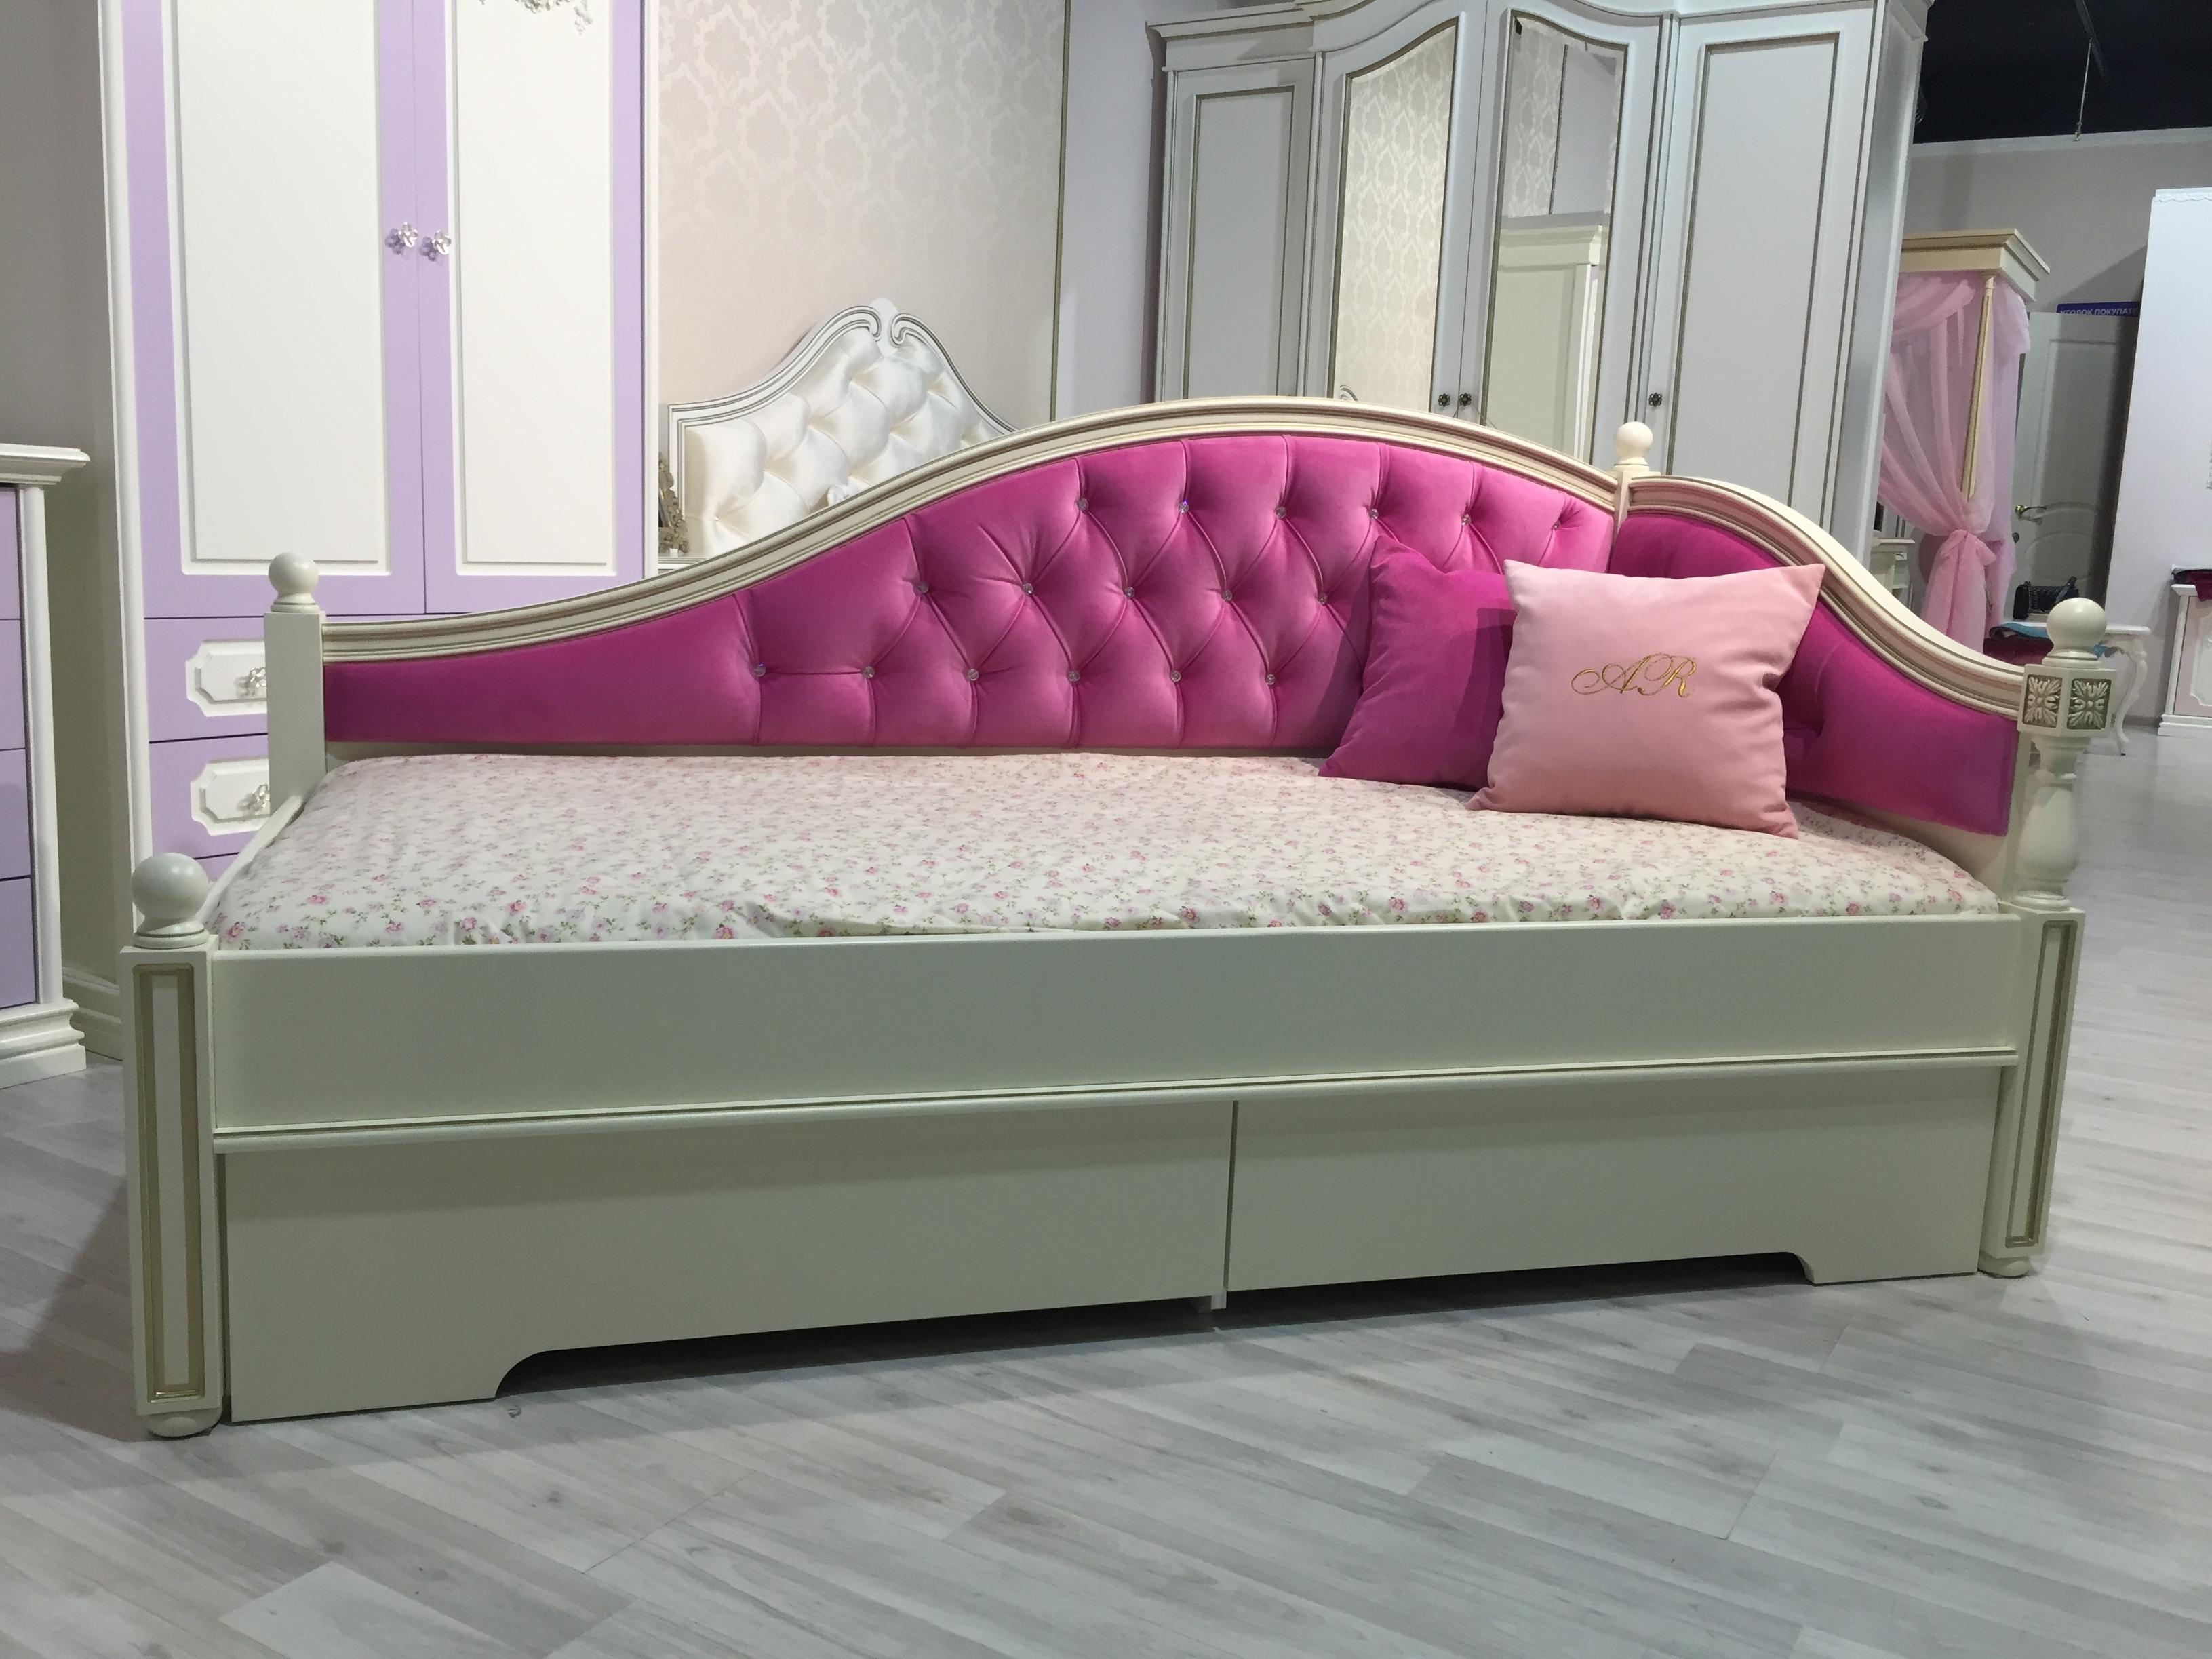 Особенности выбора мягкой мебели для ребенка